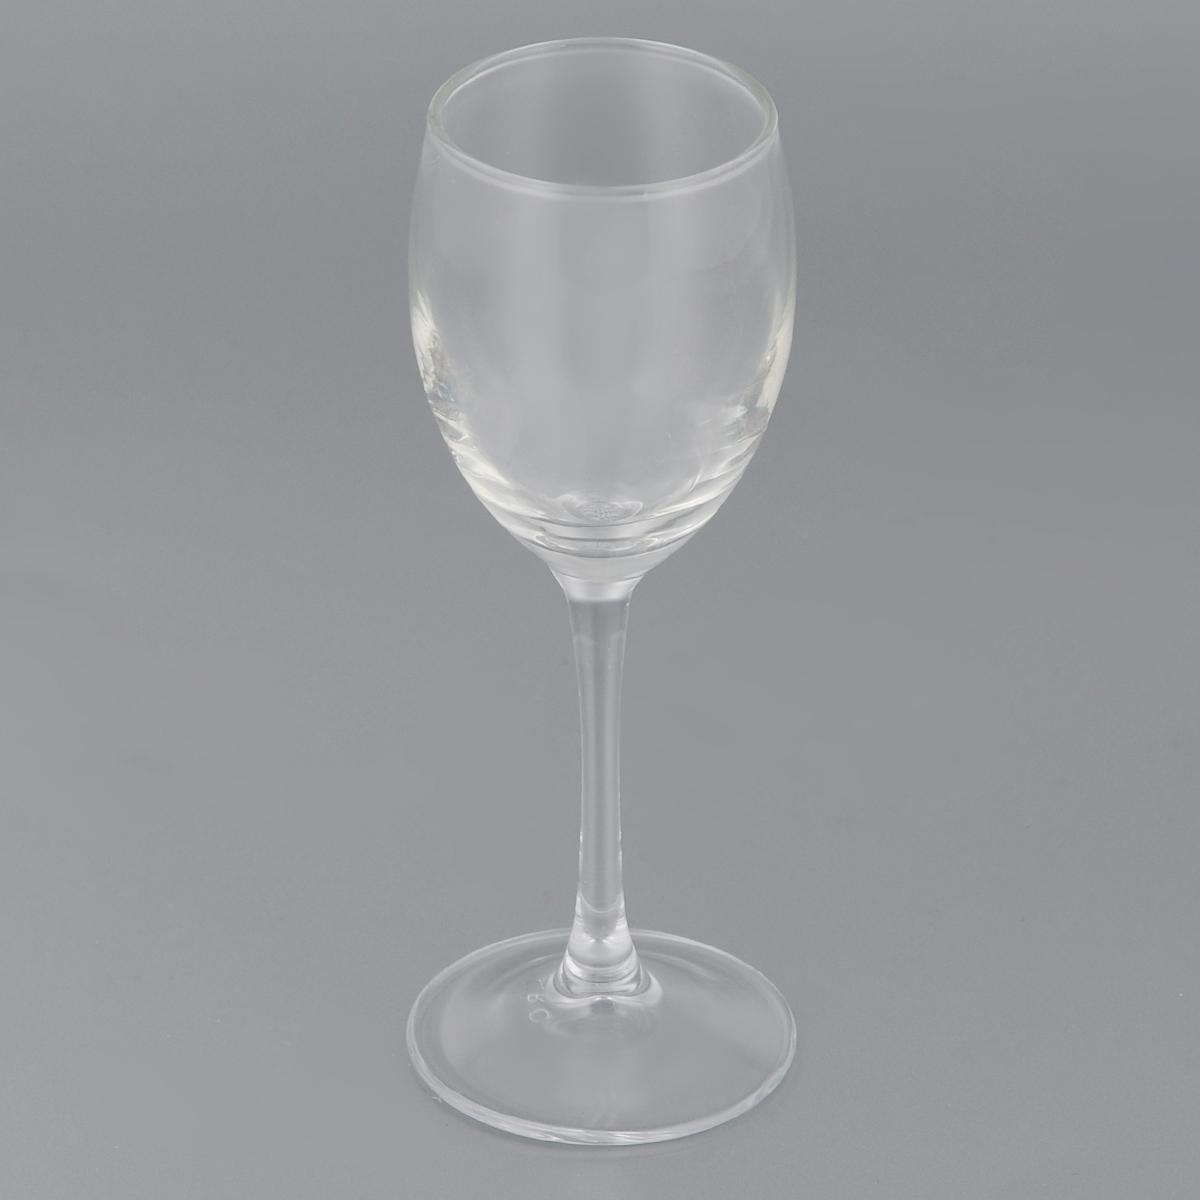 Фужер Luminarc Эталон, 65 млJ3906Фужер Luminarc Эталон, изготовленный из высококачественного стекла, идеально подходит для сервировки стола. Он не только украсит ваш стол, но подчеркнет прекрасный вкус хозяйки. Диаметр фужера (по верхнему краю): 4,2 см. Высота фужера: 14 см.